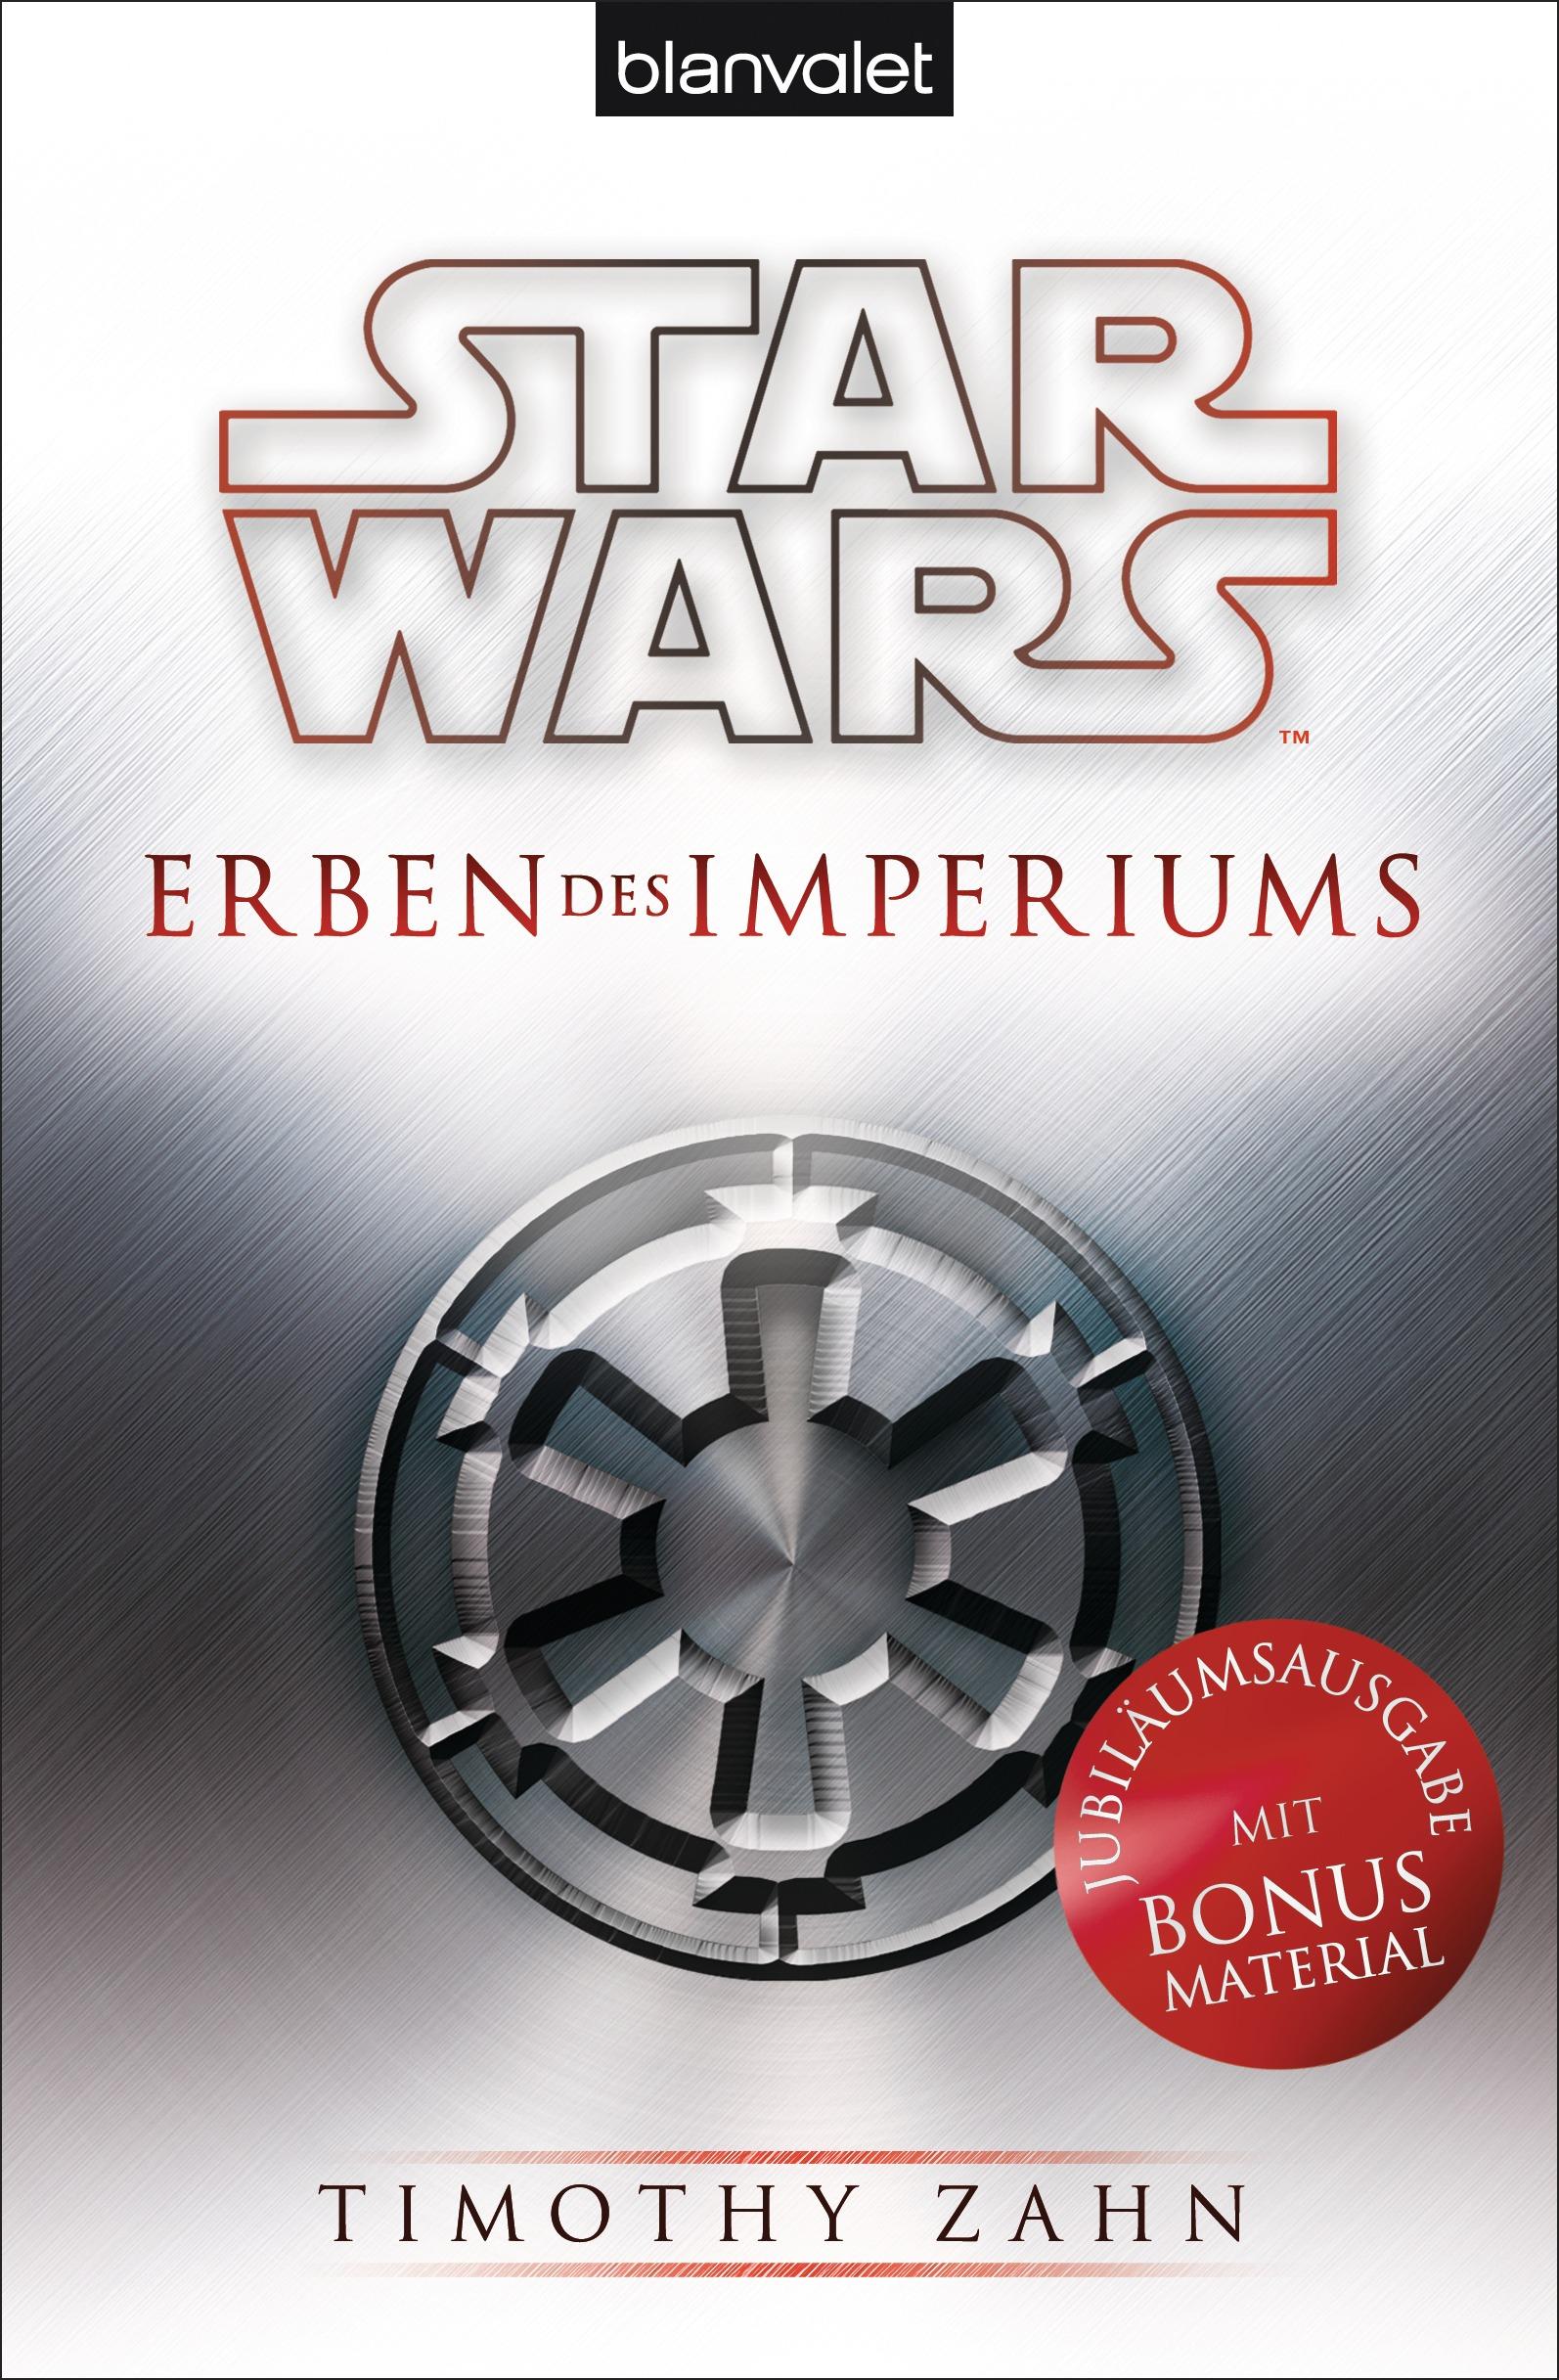 Star Wars(TM) Erben des Imperiums - Timothy Zahn